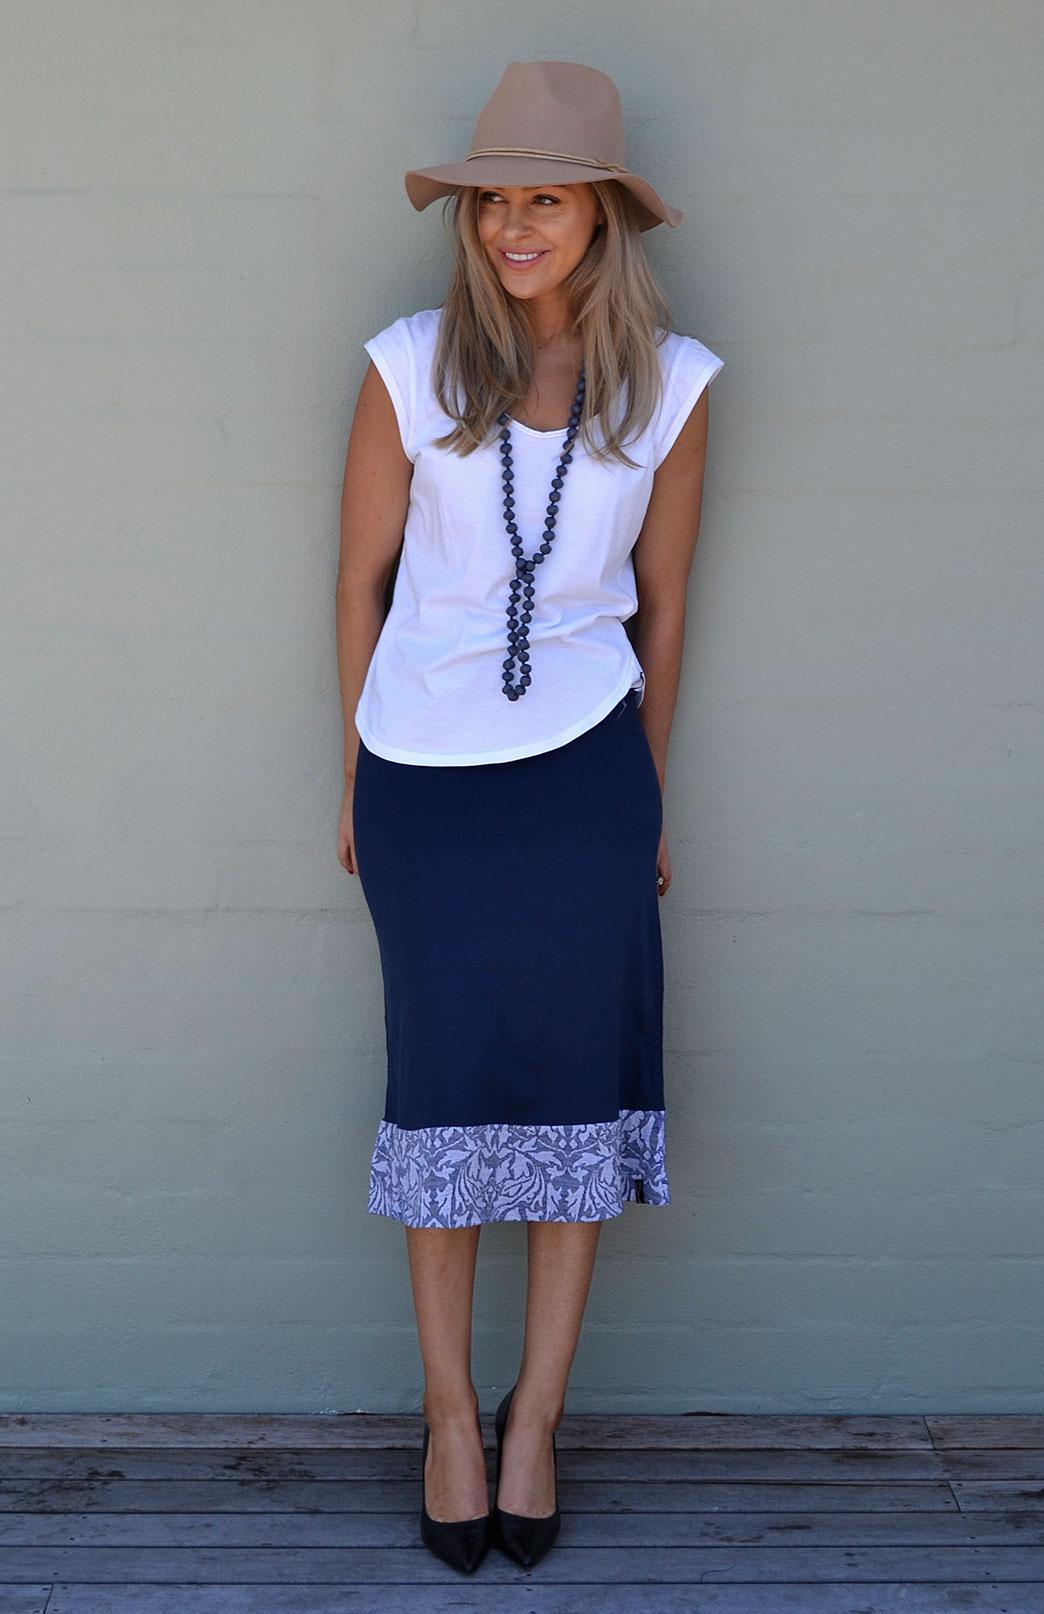 Midi Skirt - Women's Hem Detail Blue Floral A-Line Wool Skirt - Smitten Merino Tasmania Australia